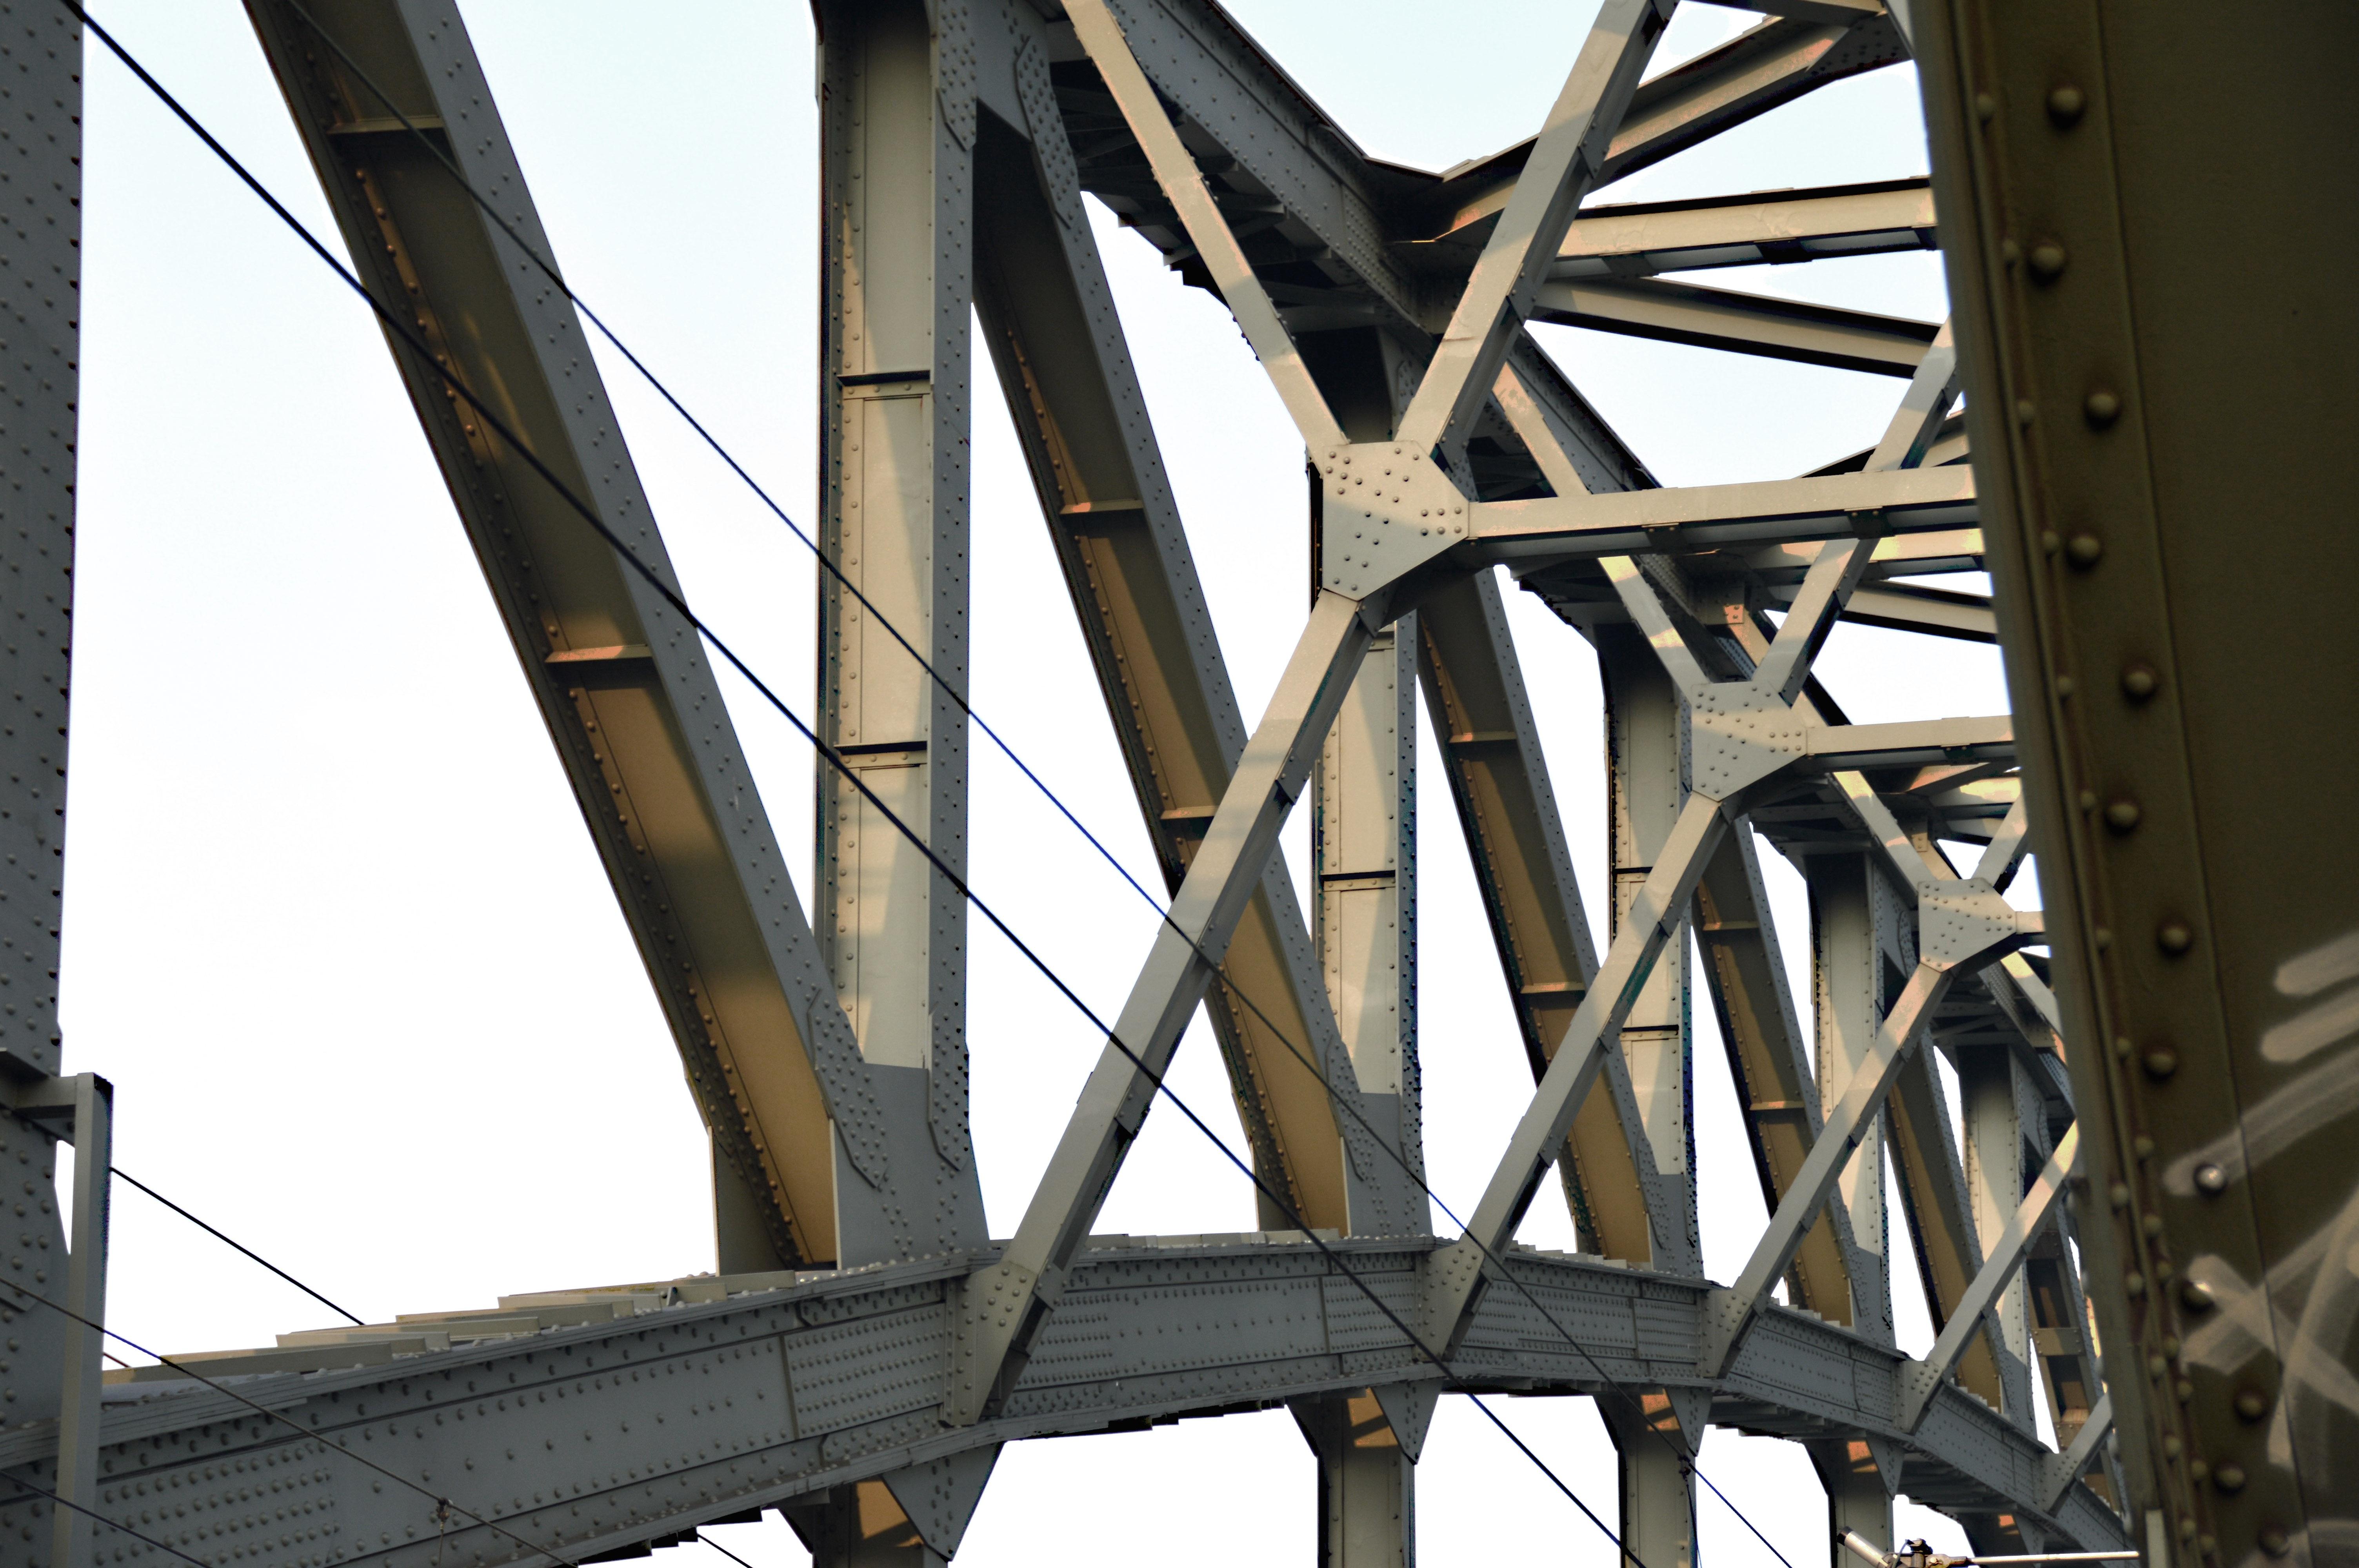 Bogen Stehle kostenlose foto die architektur struktur eisenbahn gebäude